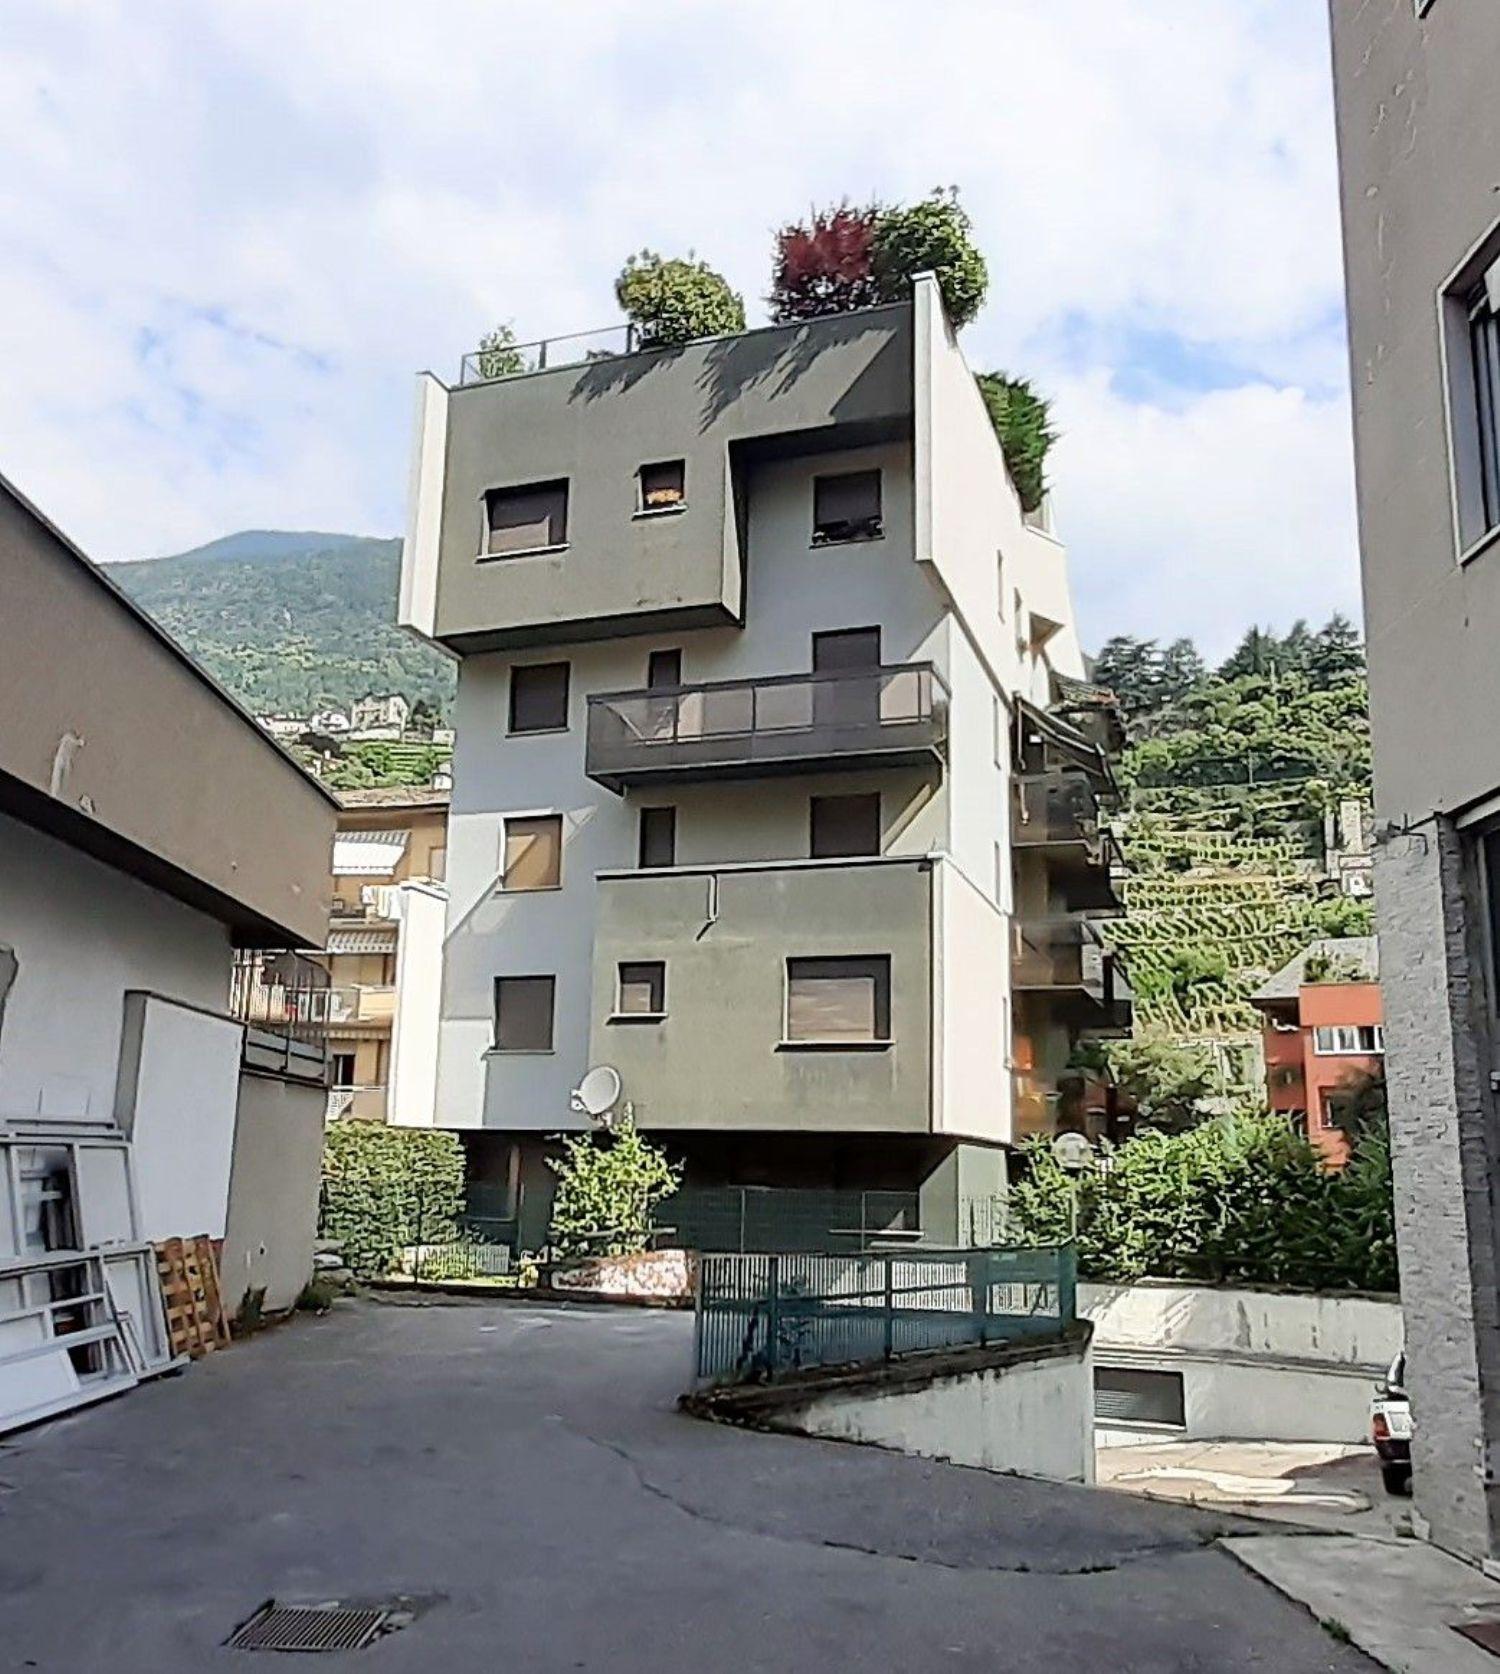 Immobile Commerciale in vendita a Sondrio, 9999 locali, prezzo € 300.000 | PortaleAgenzieImmobiliari.it